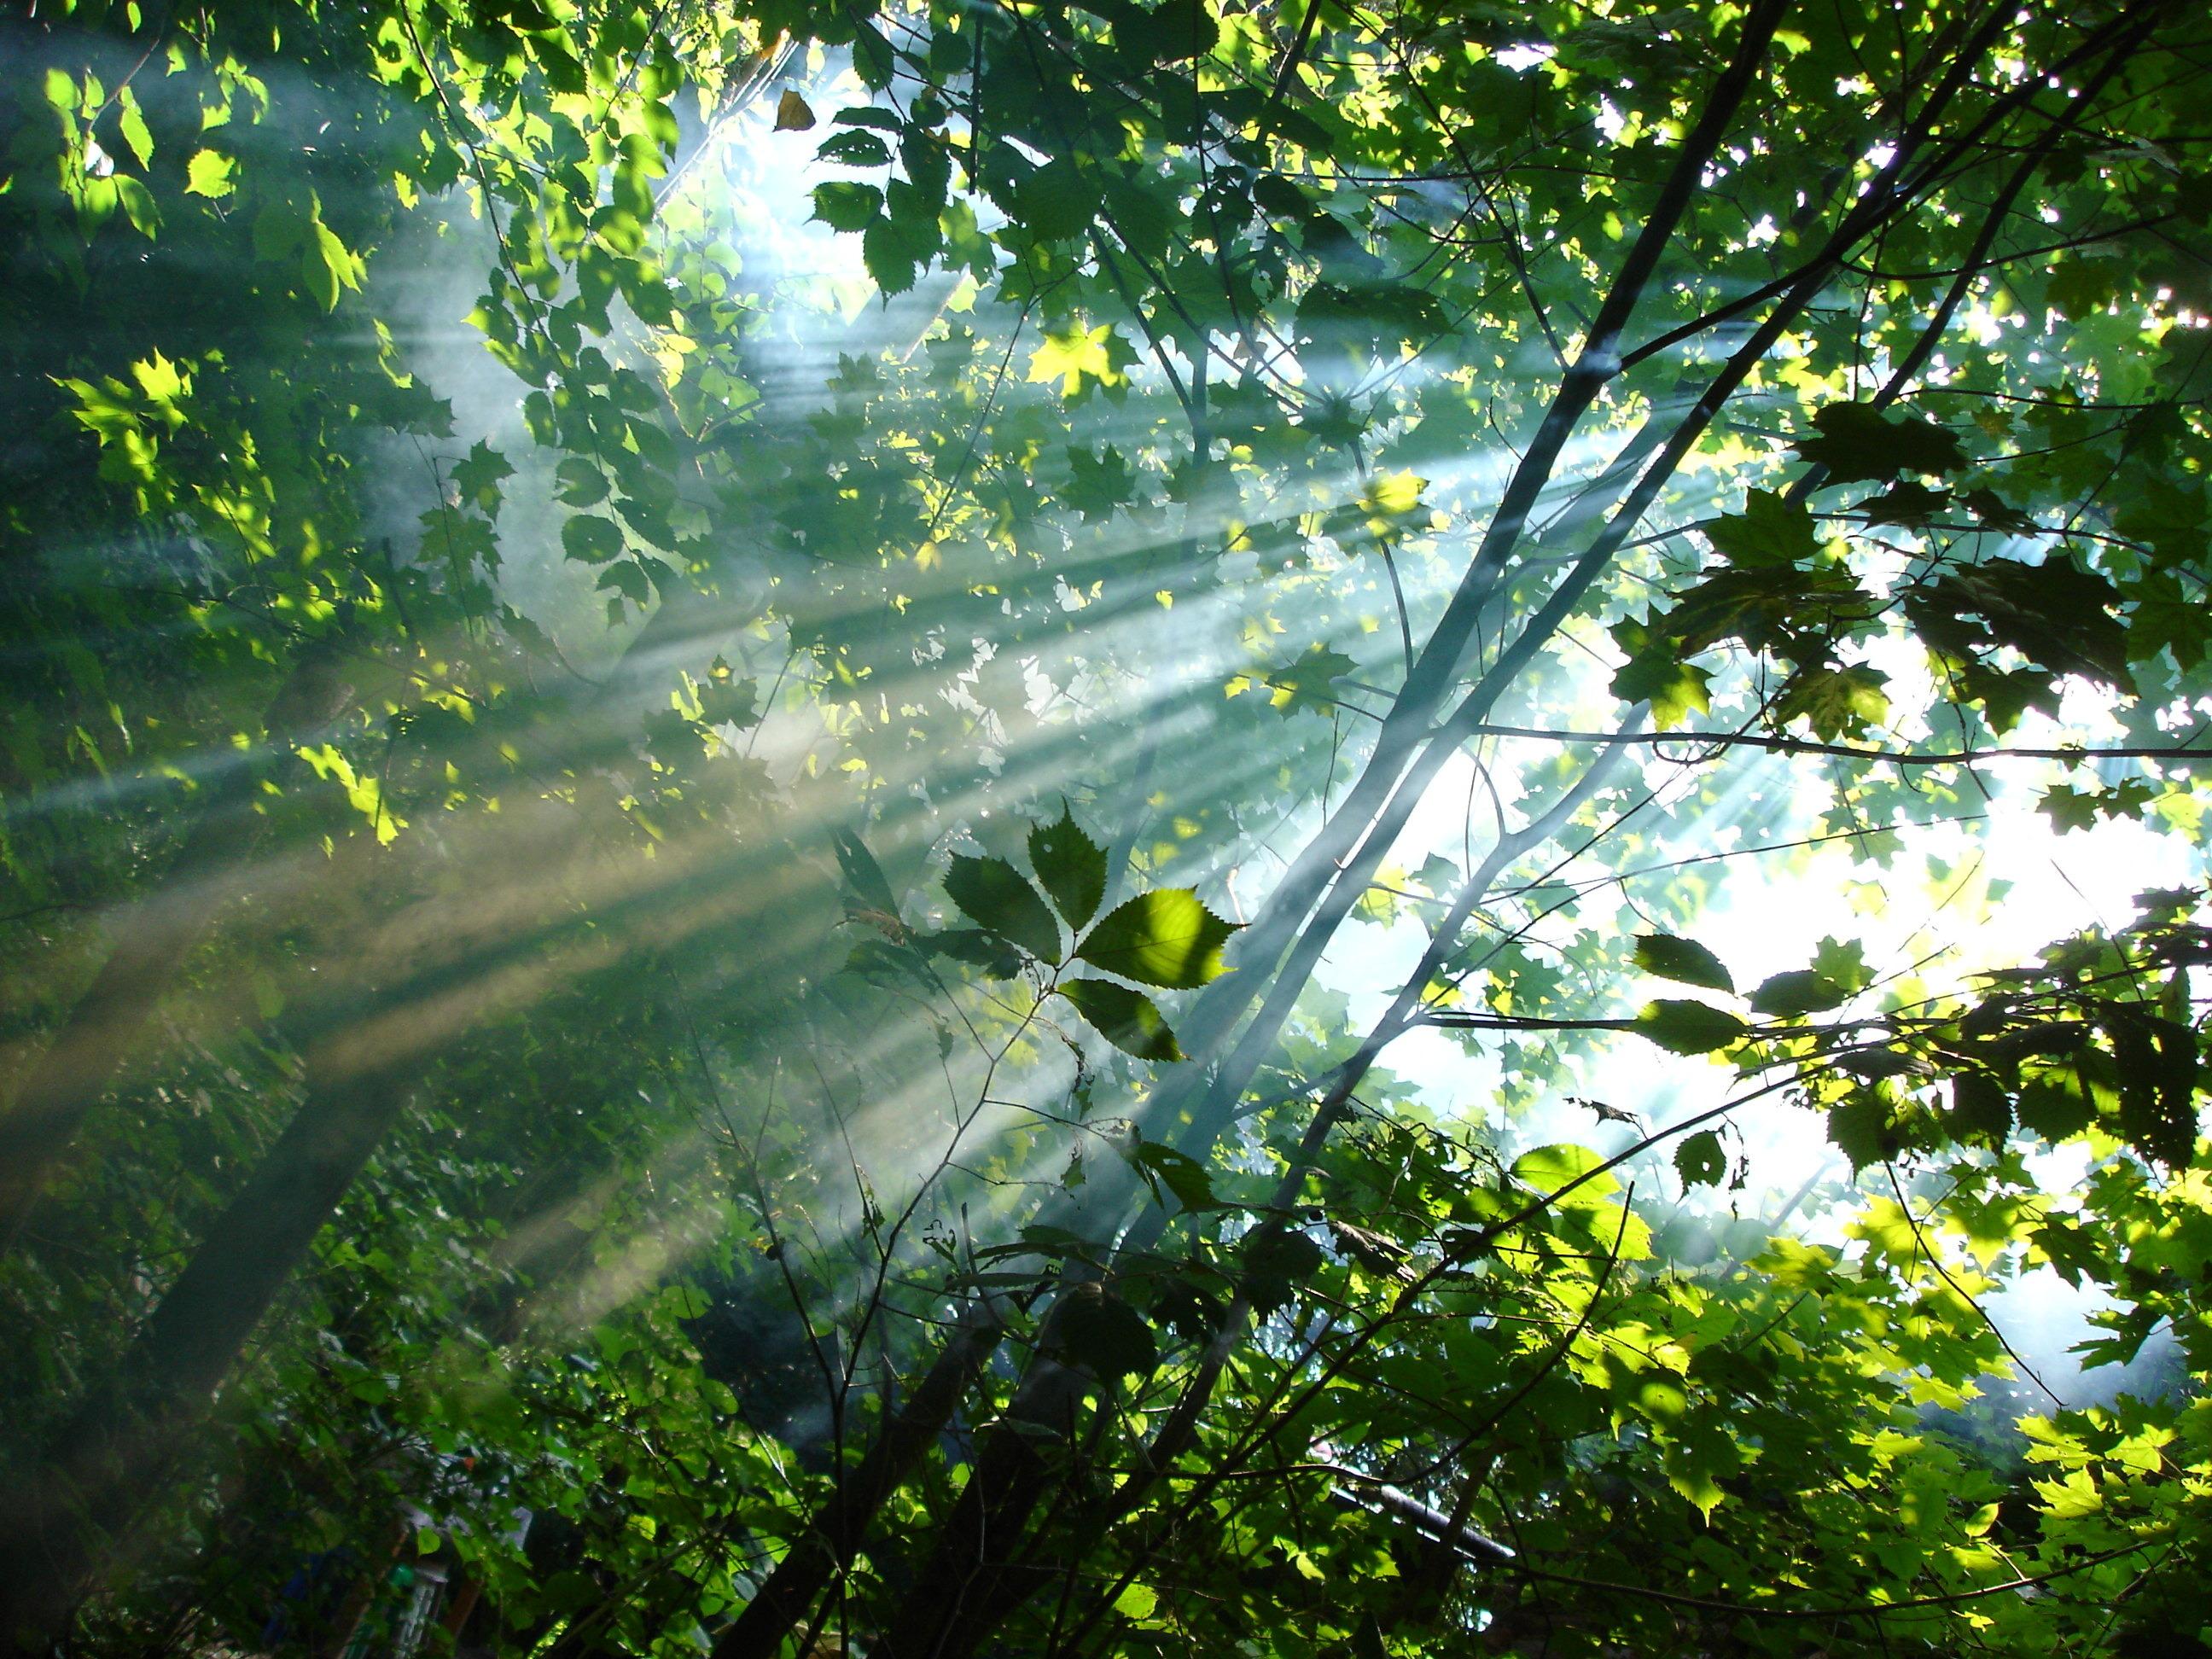 Лучи света сквозь листья  № 3096130 загрузить